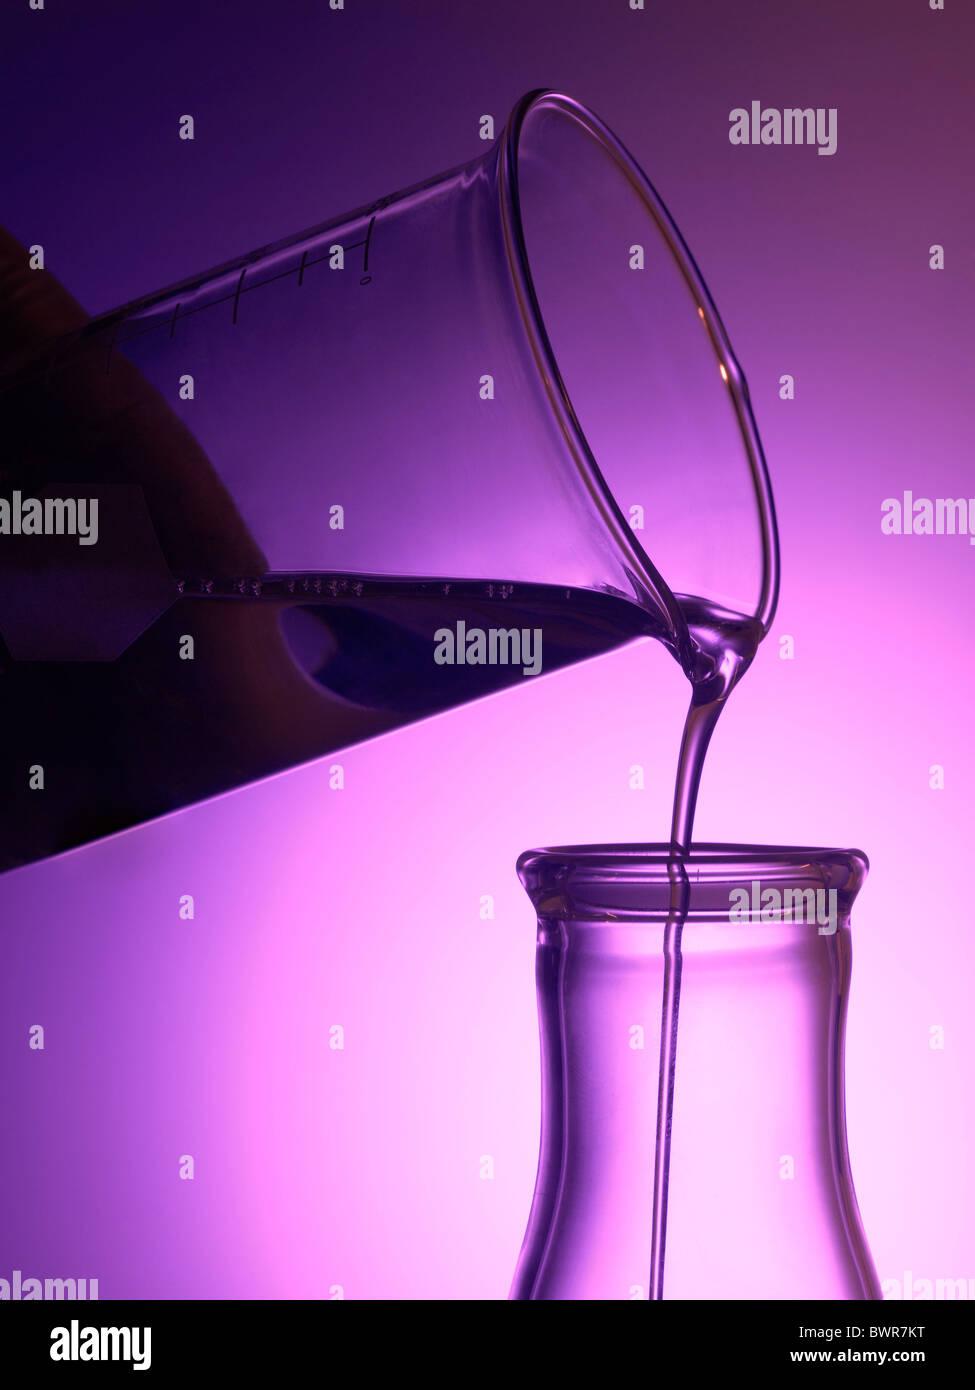 Vaso de precipitado de vidrio en el laboratorio vertiendo productos químicos líquidos en vasos de precipitados Imagen De Stock